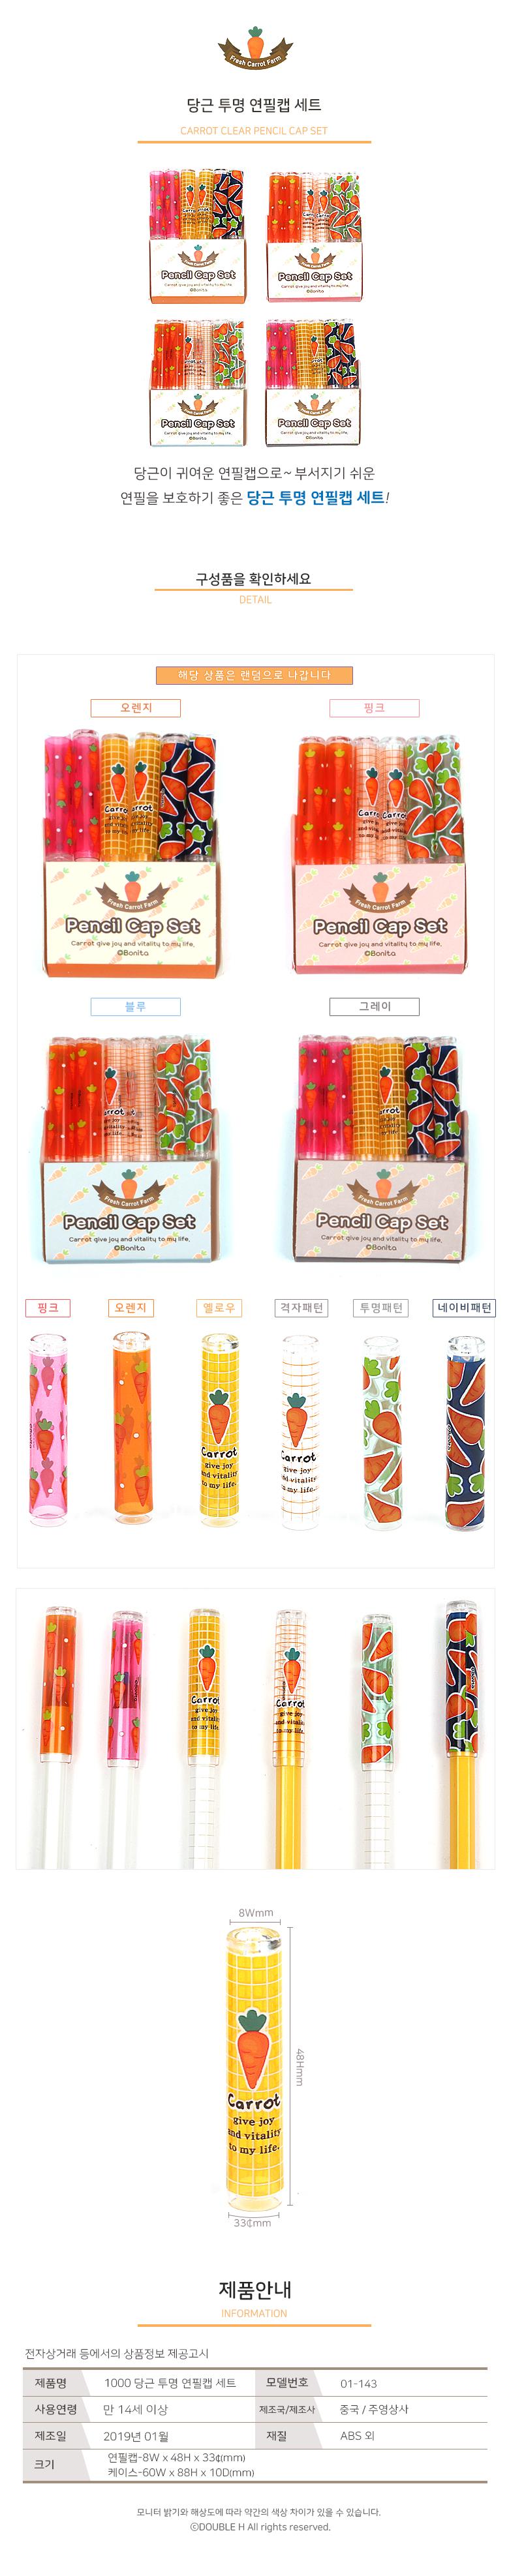 1000 당근 투명 연필캡 세트 - 영웅완구, 1,000원, 필기구 소품, 연필캡